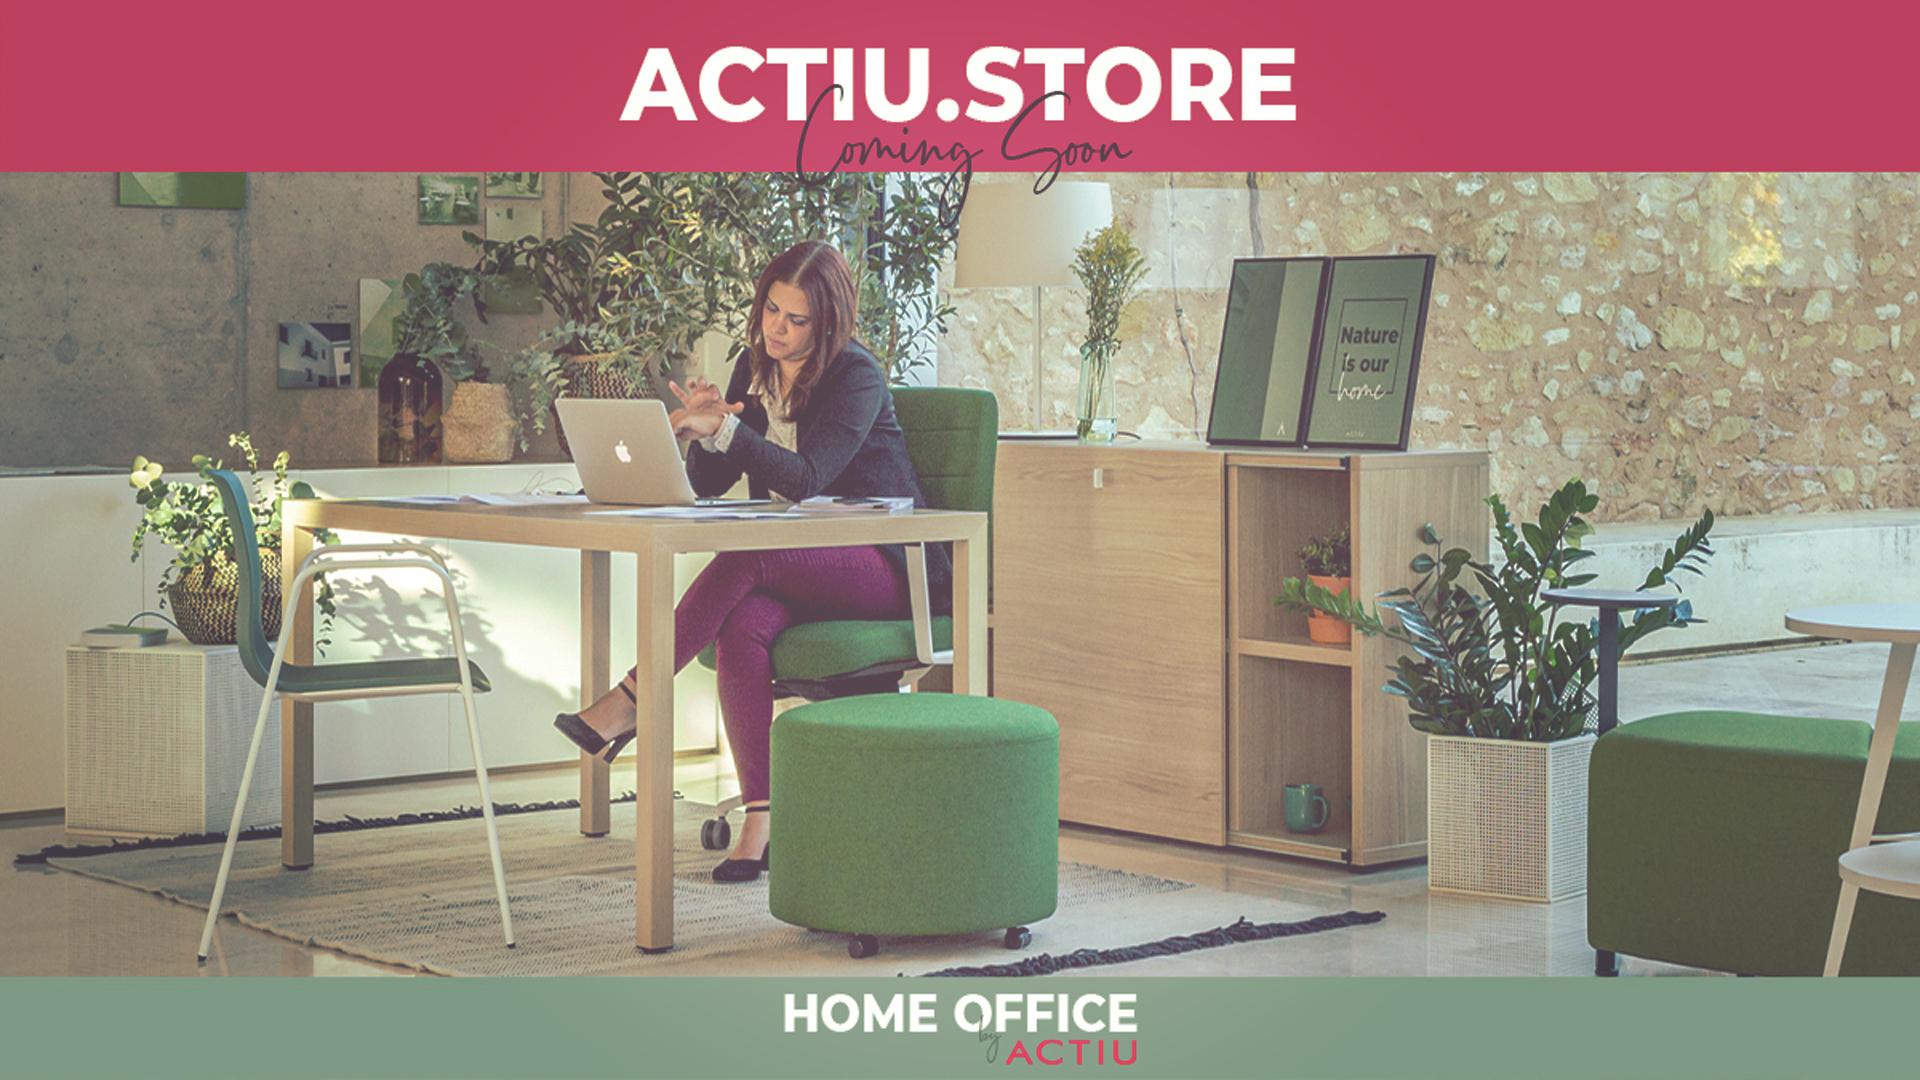 Actiu Store: Un ecommerce para llevar los espacios de trabajo profesionales al hogar